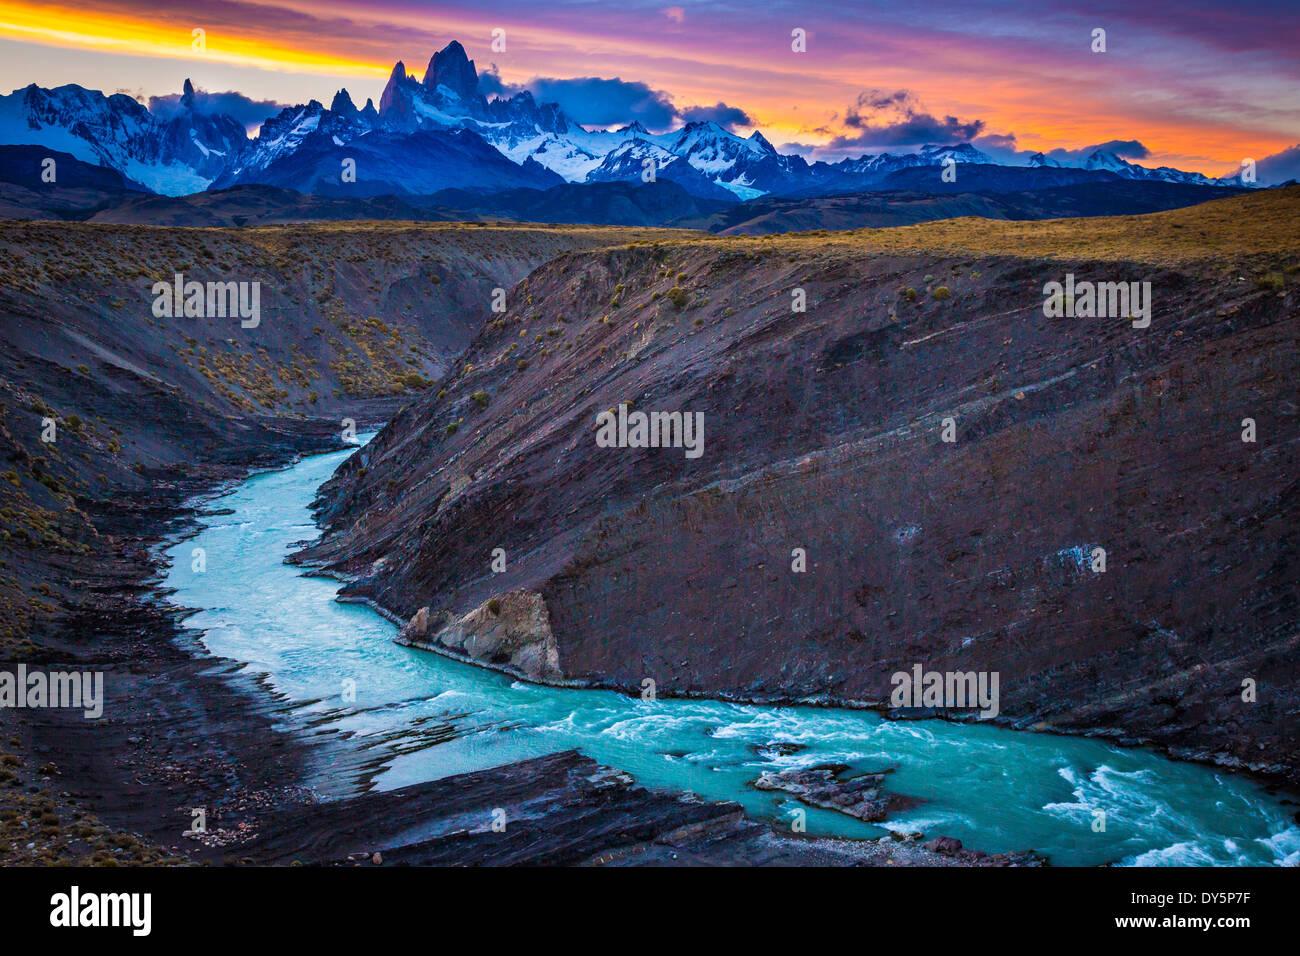 Monte Fitz Roy es una montaña situada cerca de la localidad de El Chaltén, Patagonia, Argentina Imagen De Stock